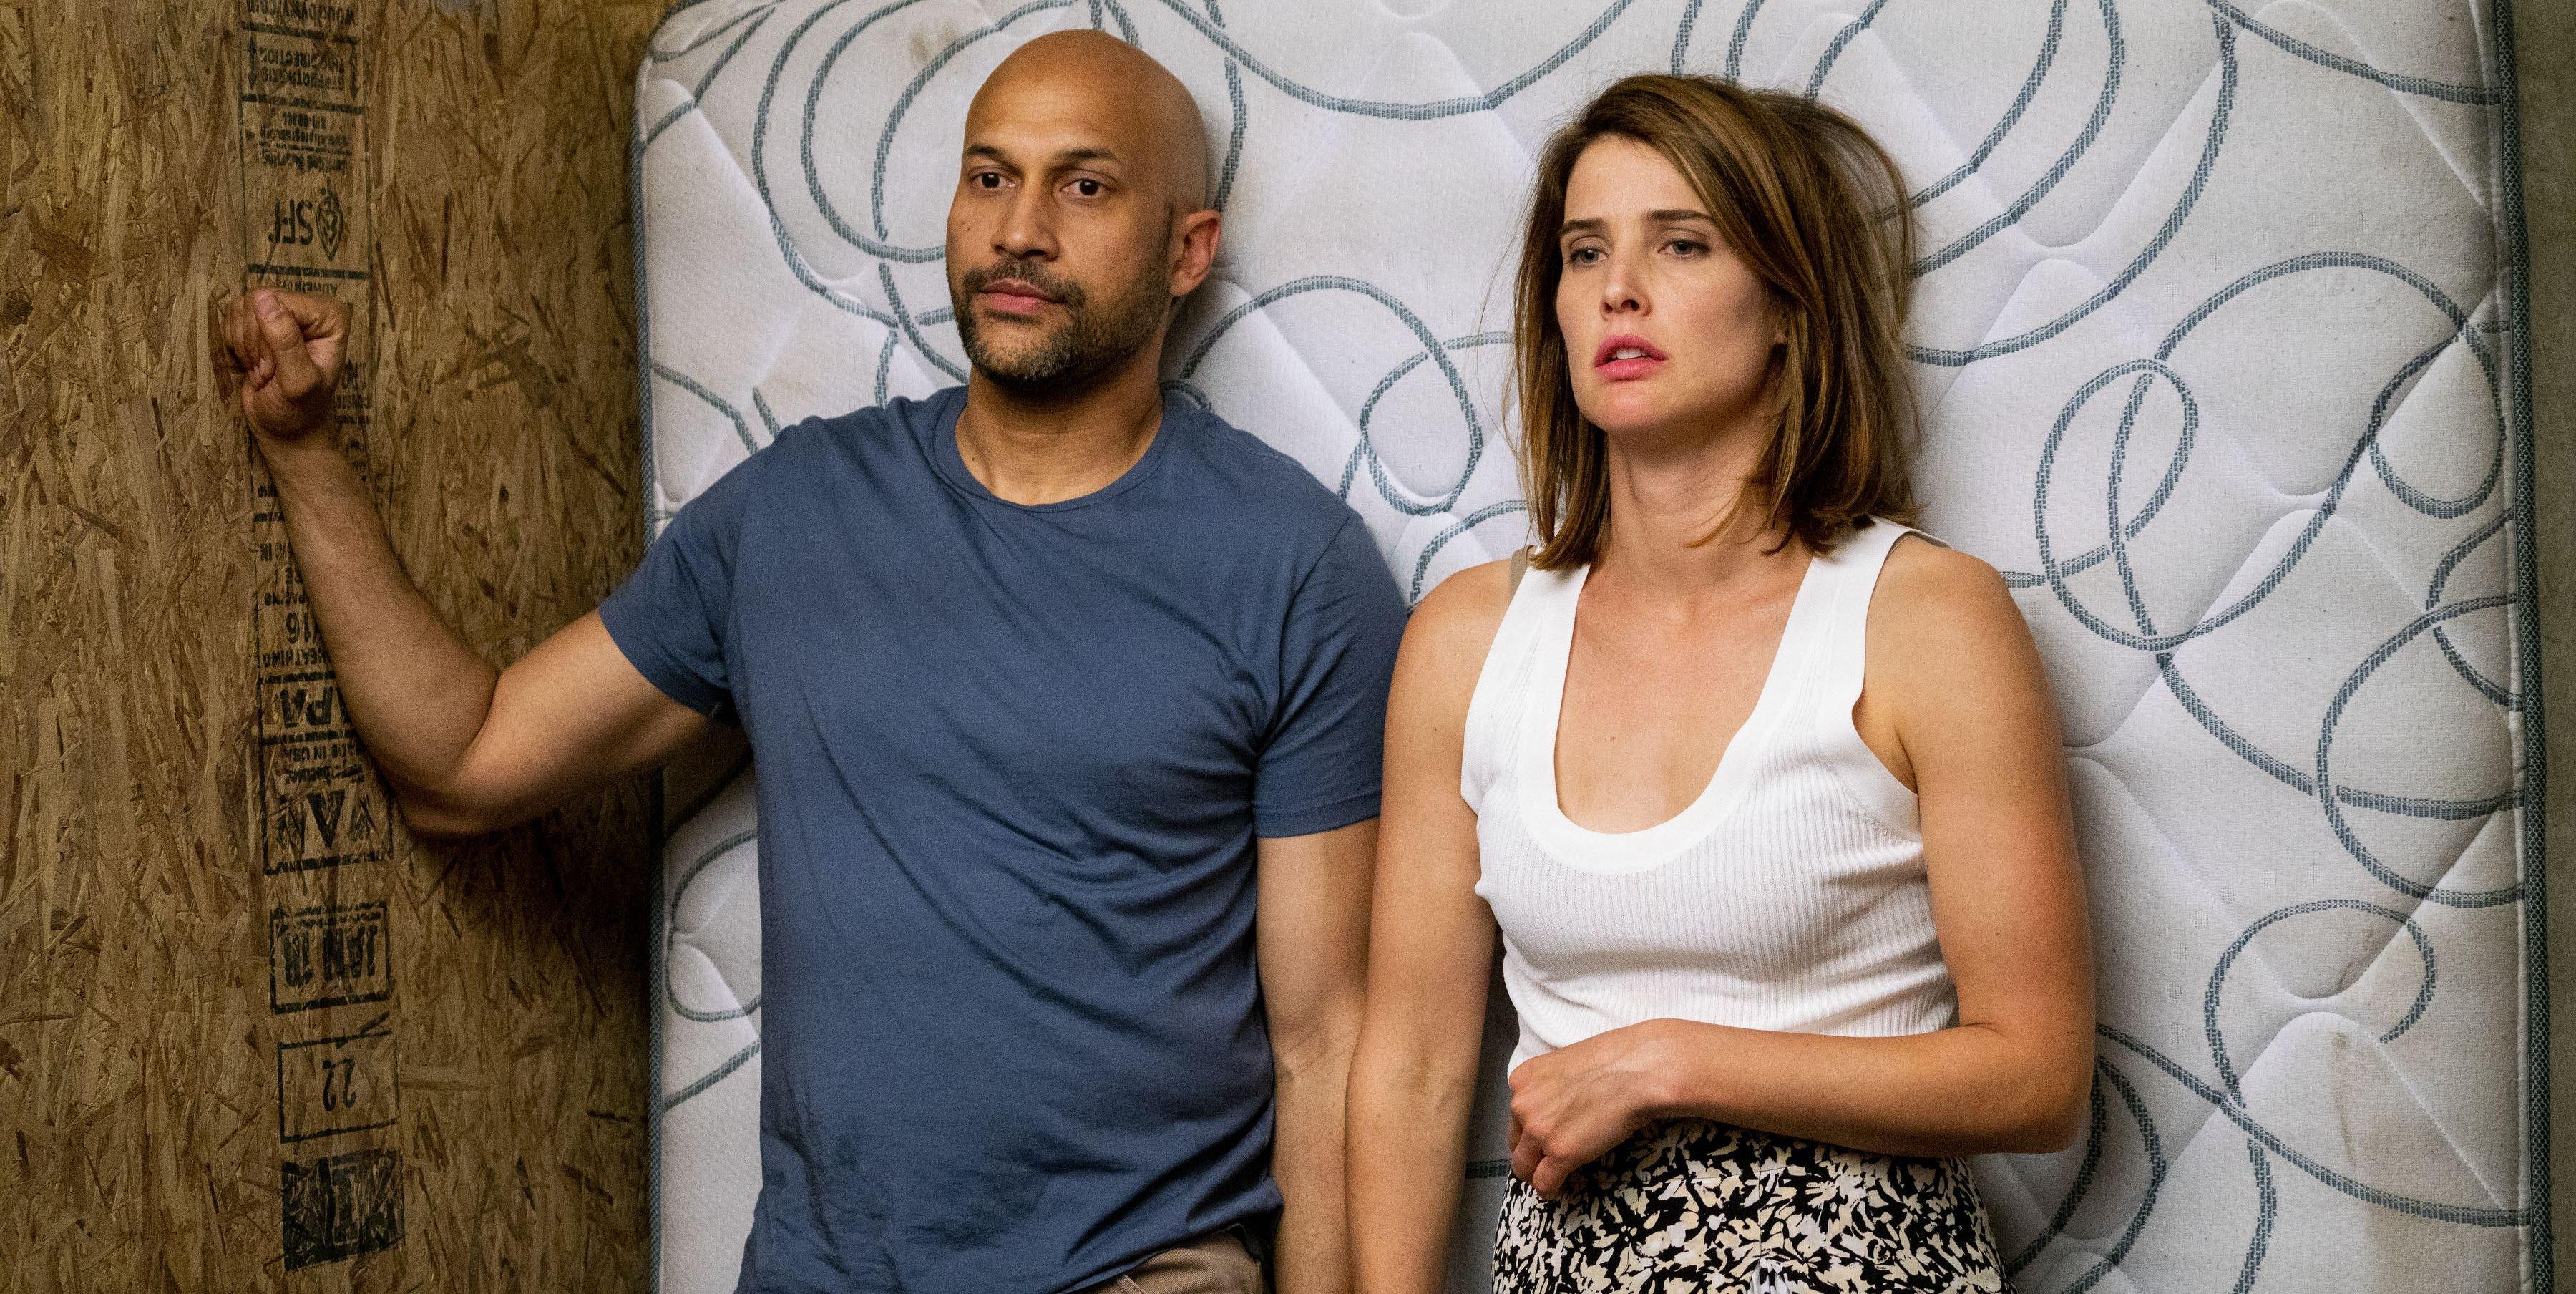 Escena de la segunda temporada de Friends fromCollege, en Netflix. Colbie Smulders y Michael Keagan-Key.